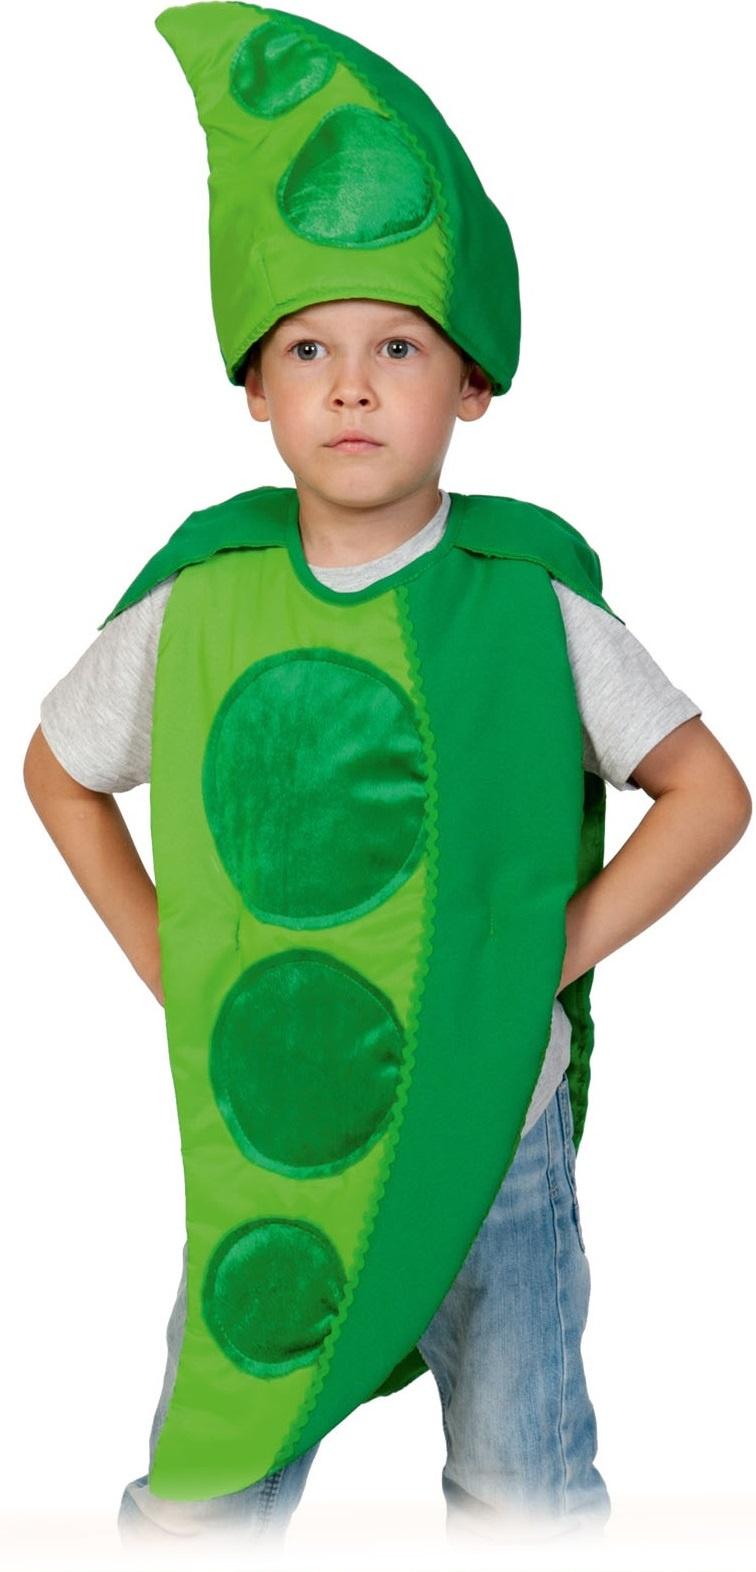 Карнавальный костюм Карнавалофф Горох, цв. зеленый р.122